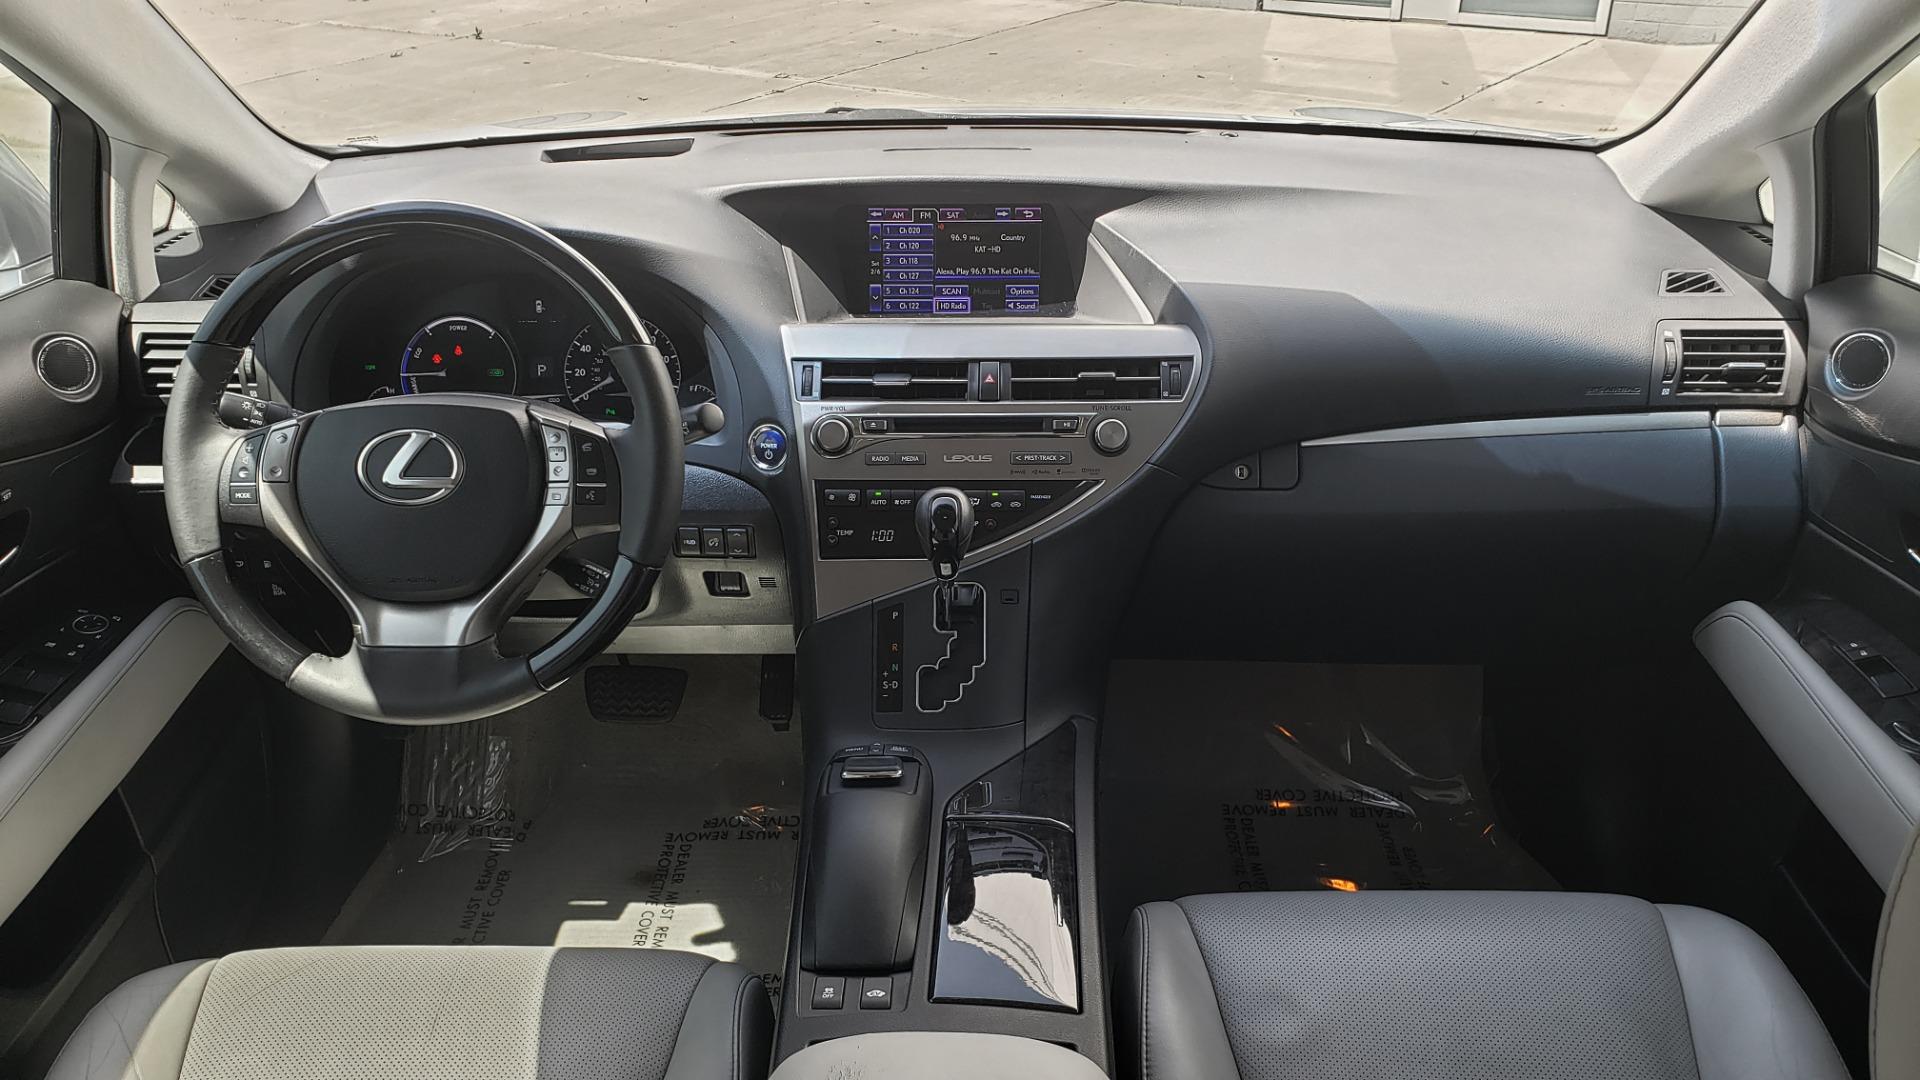 Used 2015 Lexus RX 450H AWD / PREM PKG / NAV / PARK ASST / HUD / BLIND SPOT MONITOR for sale Sold at Formula Imports in Charlotte NC 28227 82